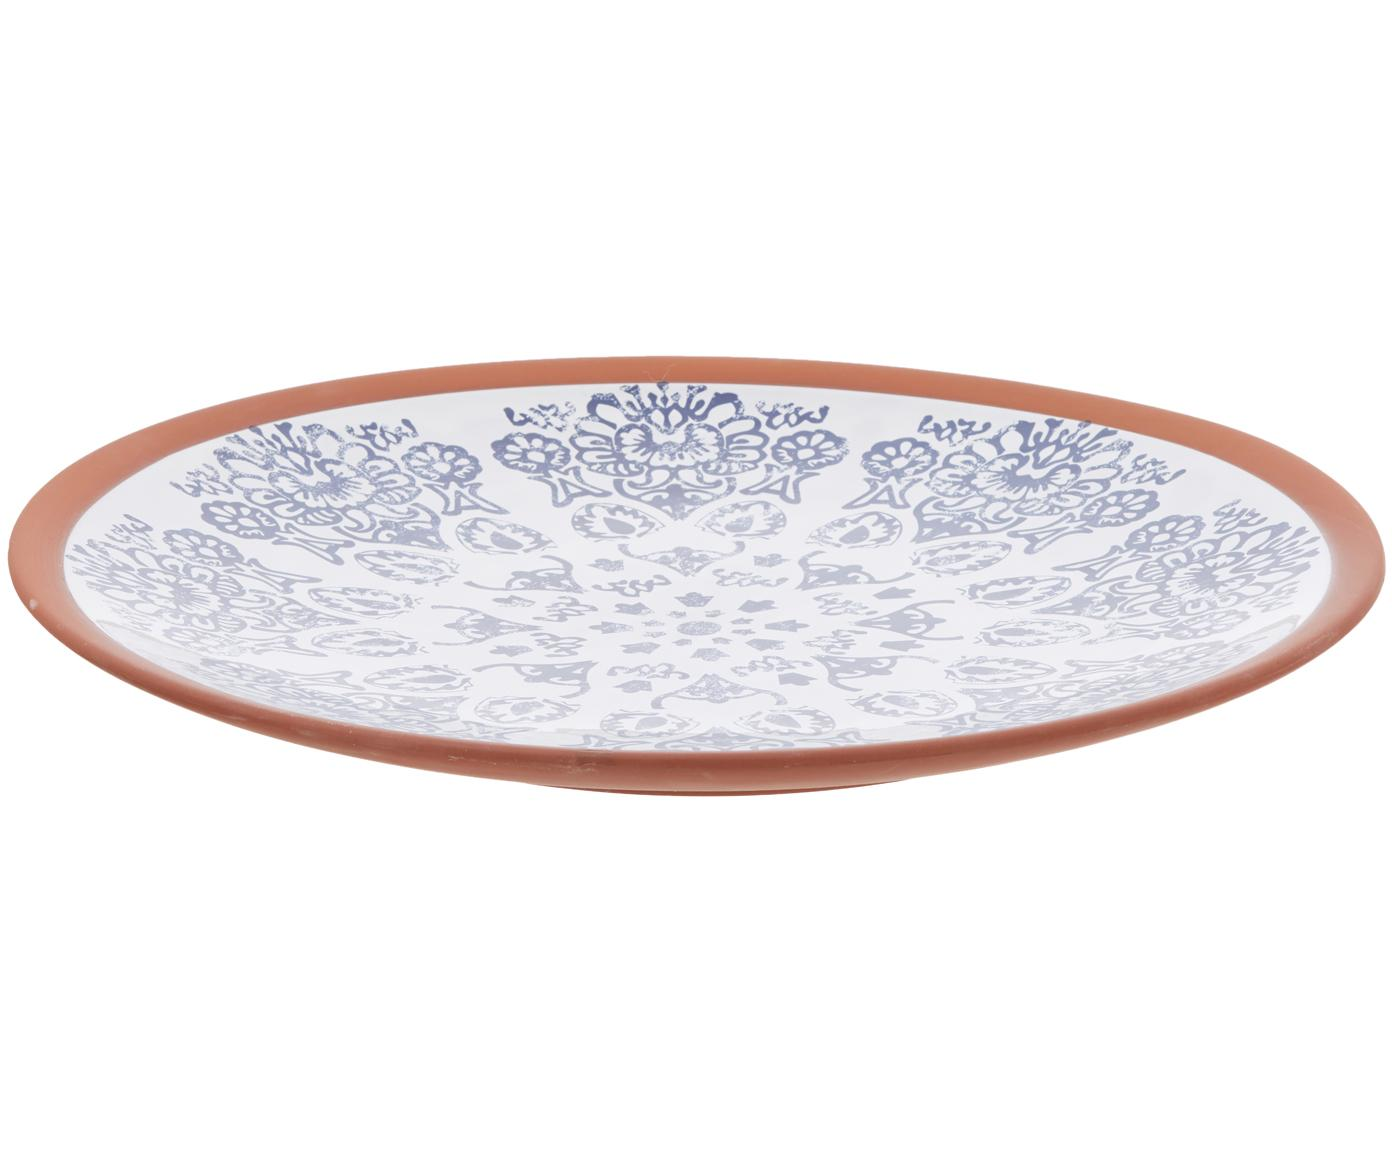 Handgemachte Servierplatte Tapas, Terrakotta, Blau, Weiß, Braun, Ø 37 x H 6 cm